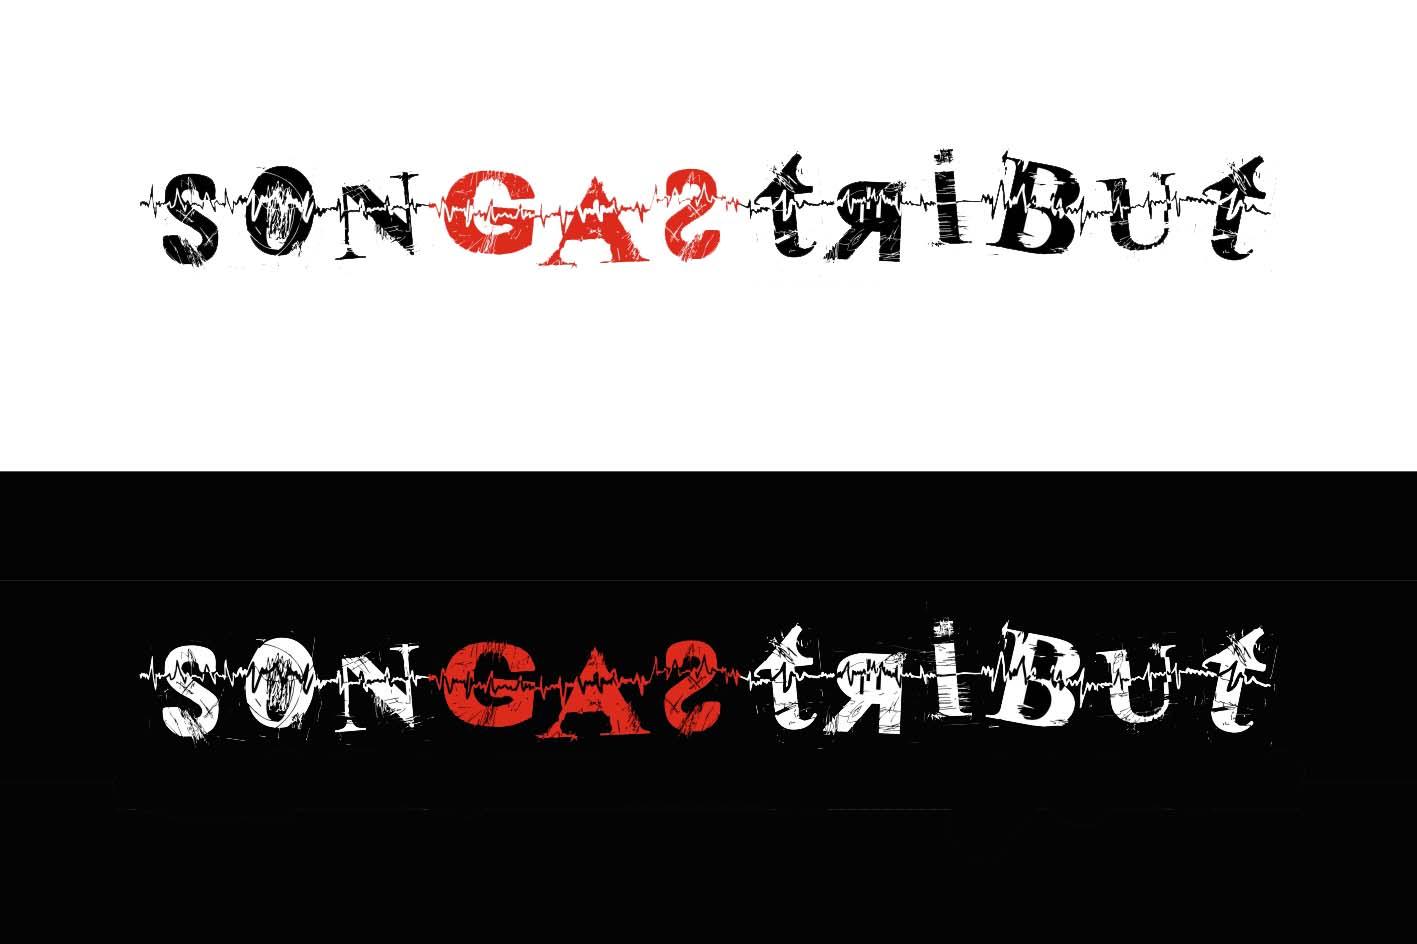 2017 08 25 SONGASTRIBUTE Logo